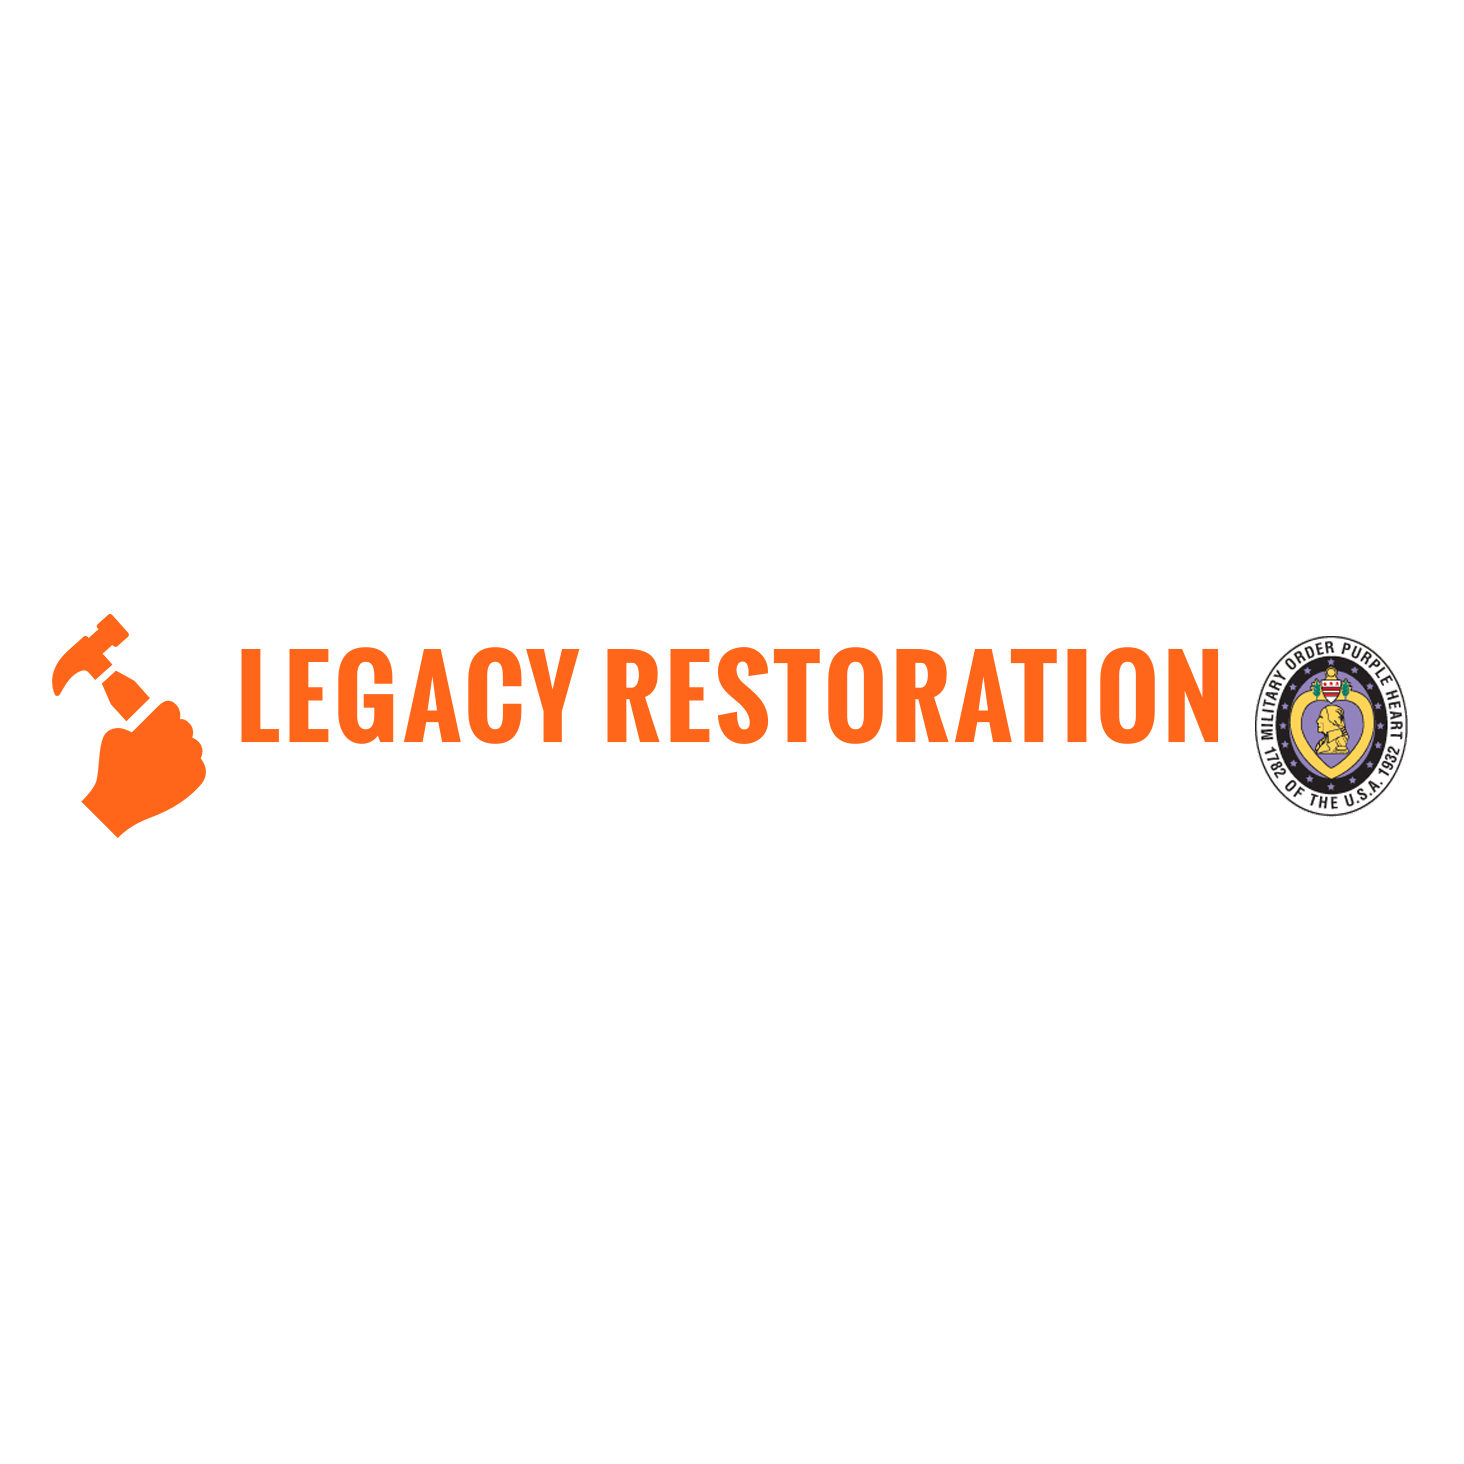 Legacy Restoration and Referral, LLC - Marrero, LA - Concrete, Brick & Stone